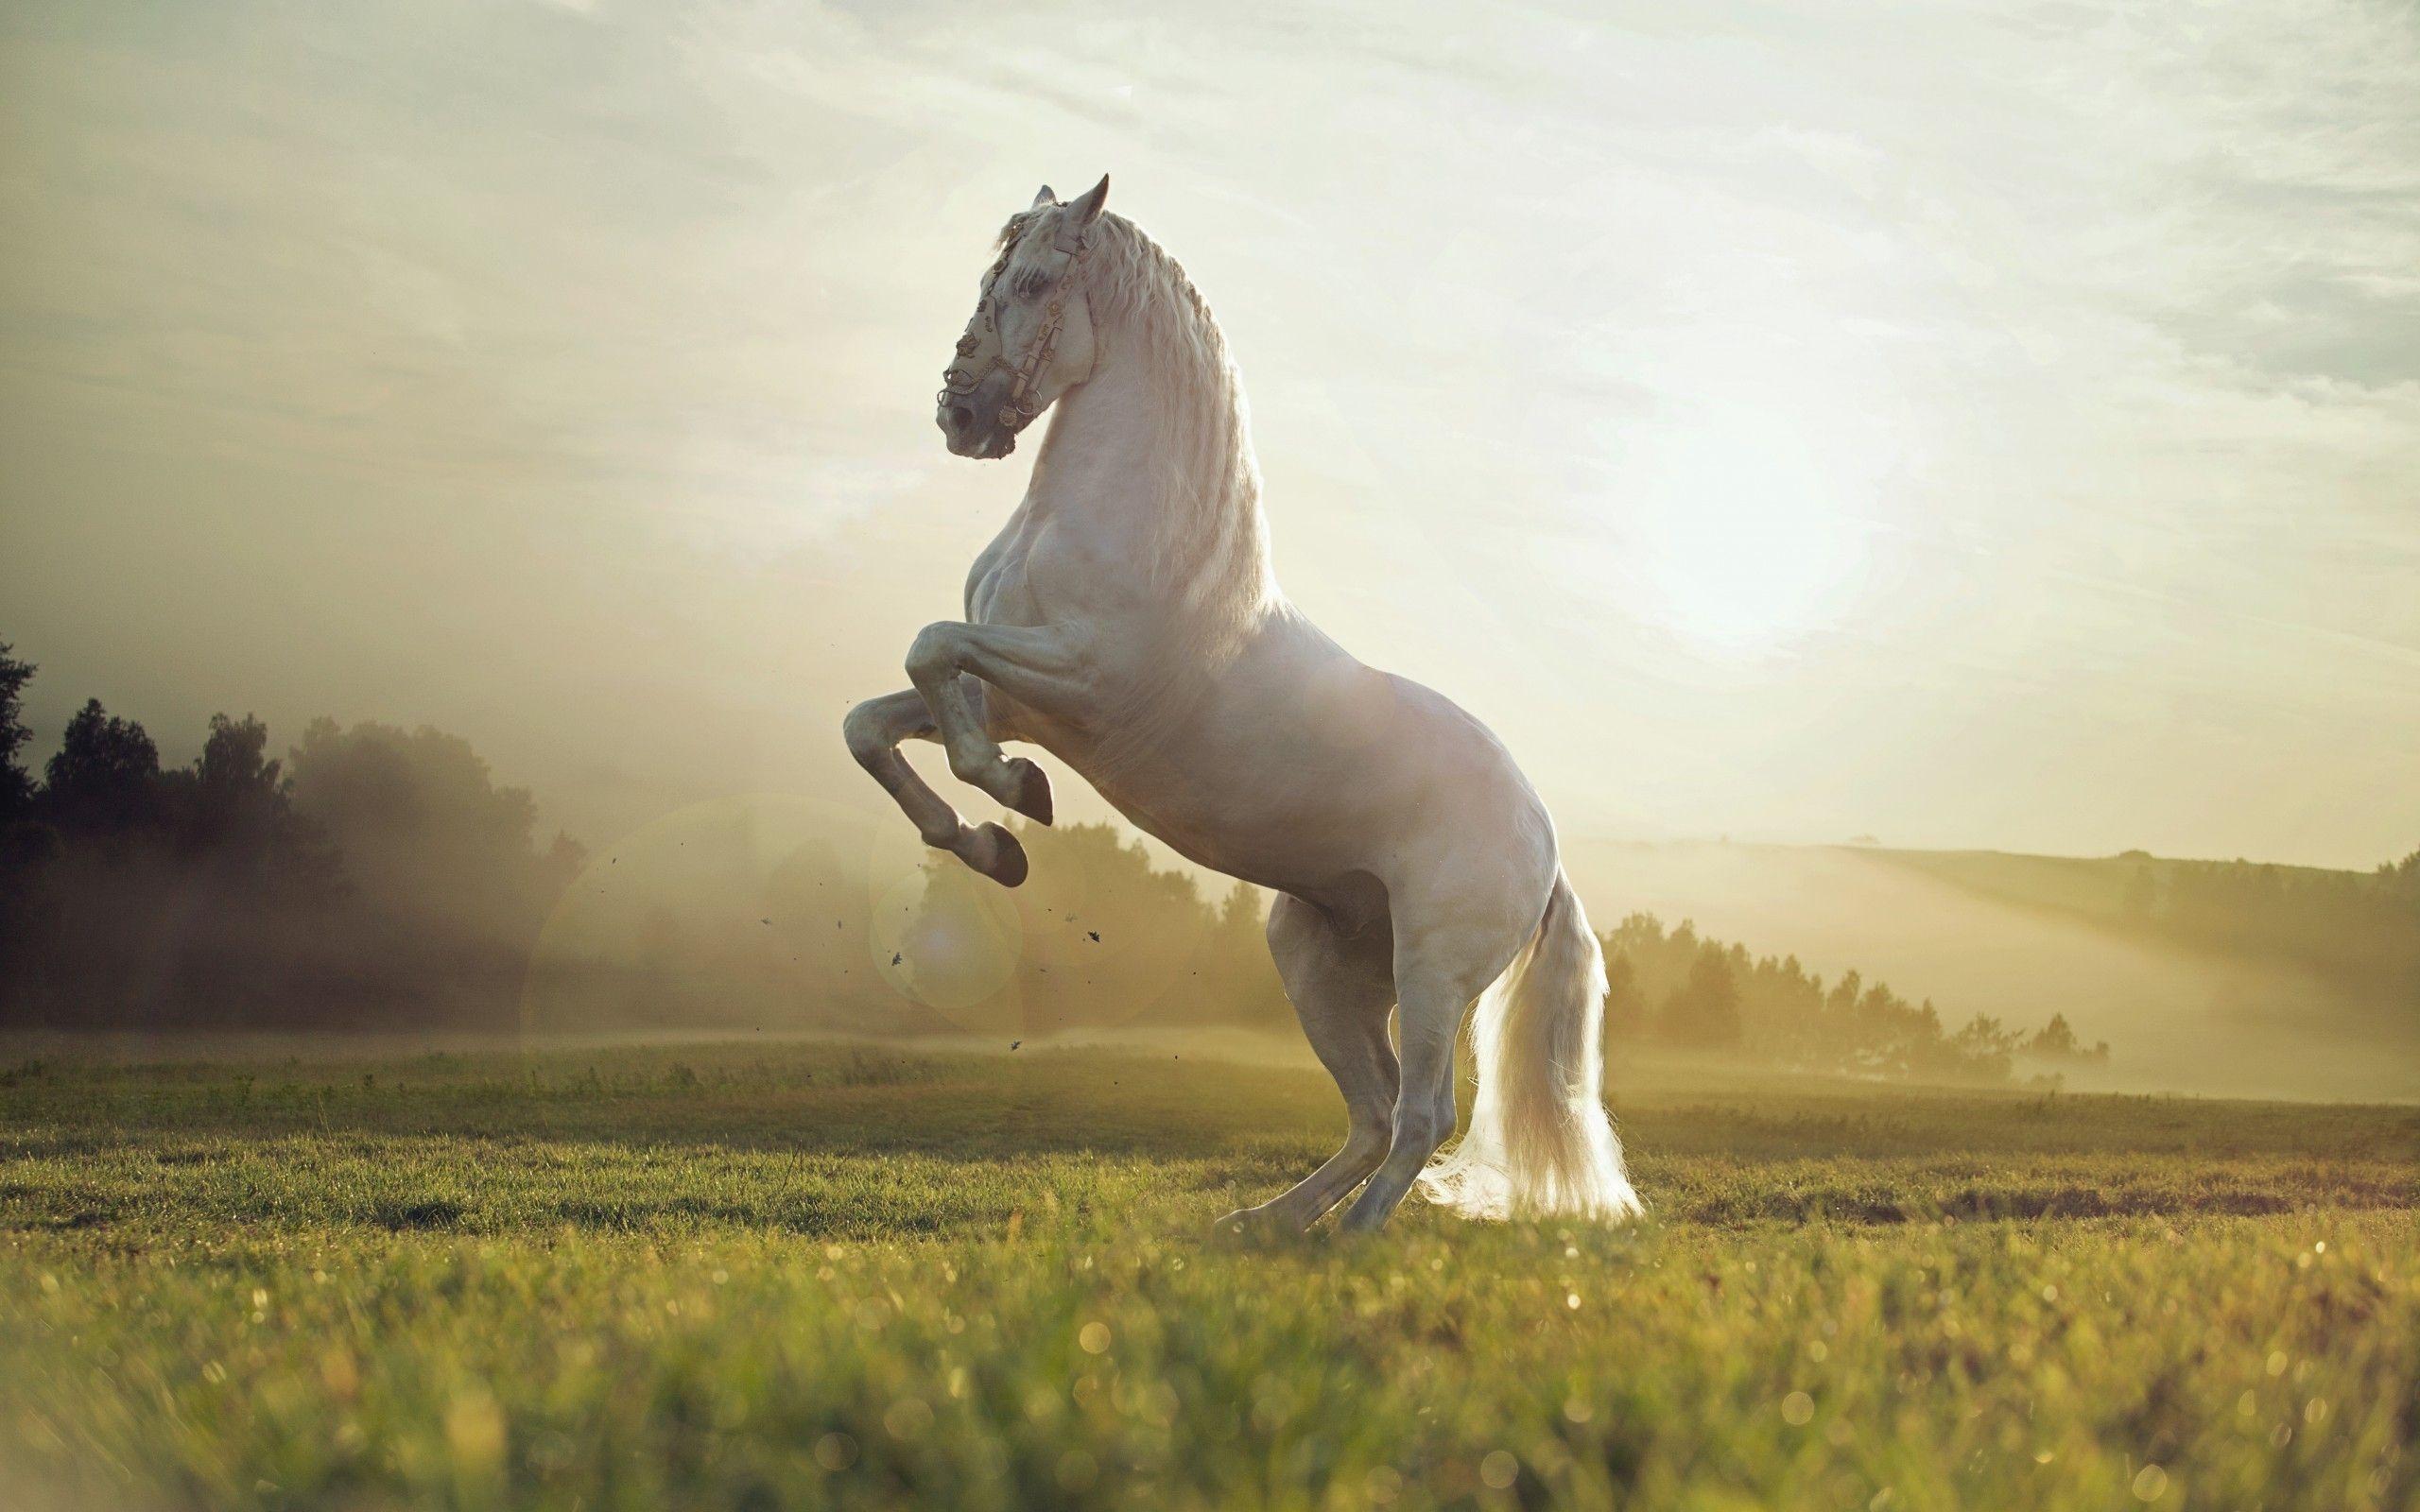 Horse wallpaper | Wallpaper HD Beautiful White Horse - HD Wallpaper Expert